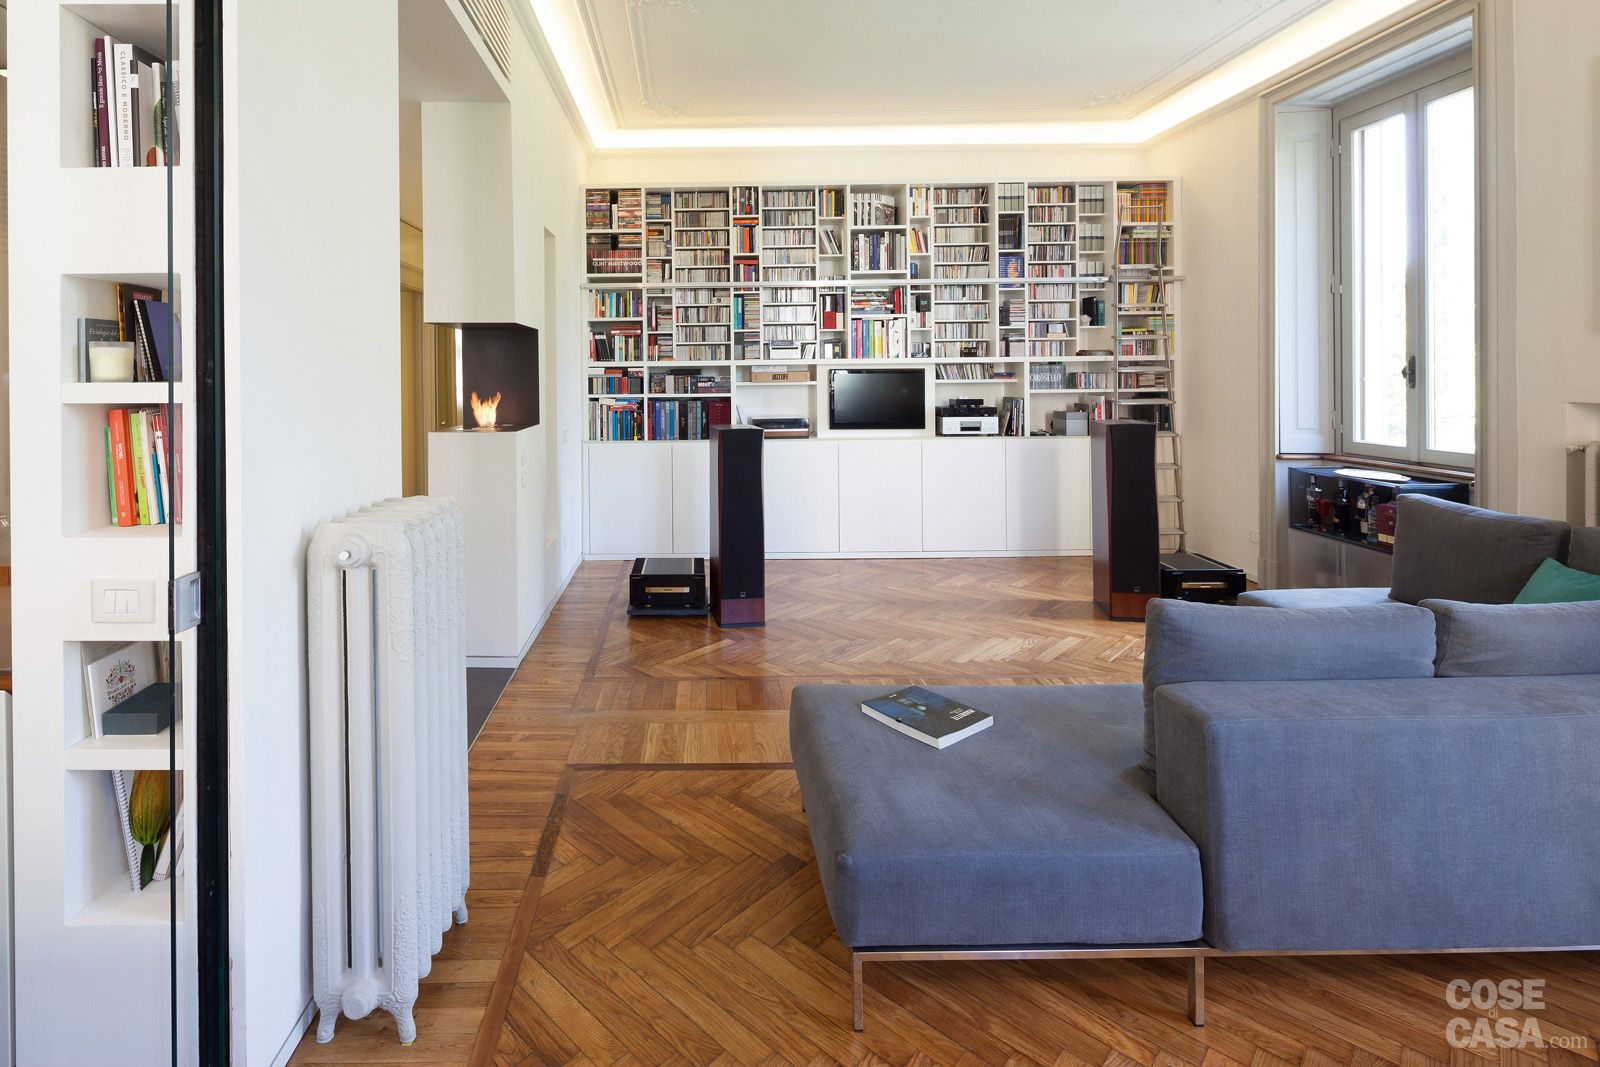 Distribuzione Spazi Interni Casa.108 Mq Con Nuove Divisioni Finestra Pinterest Arredamento